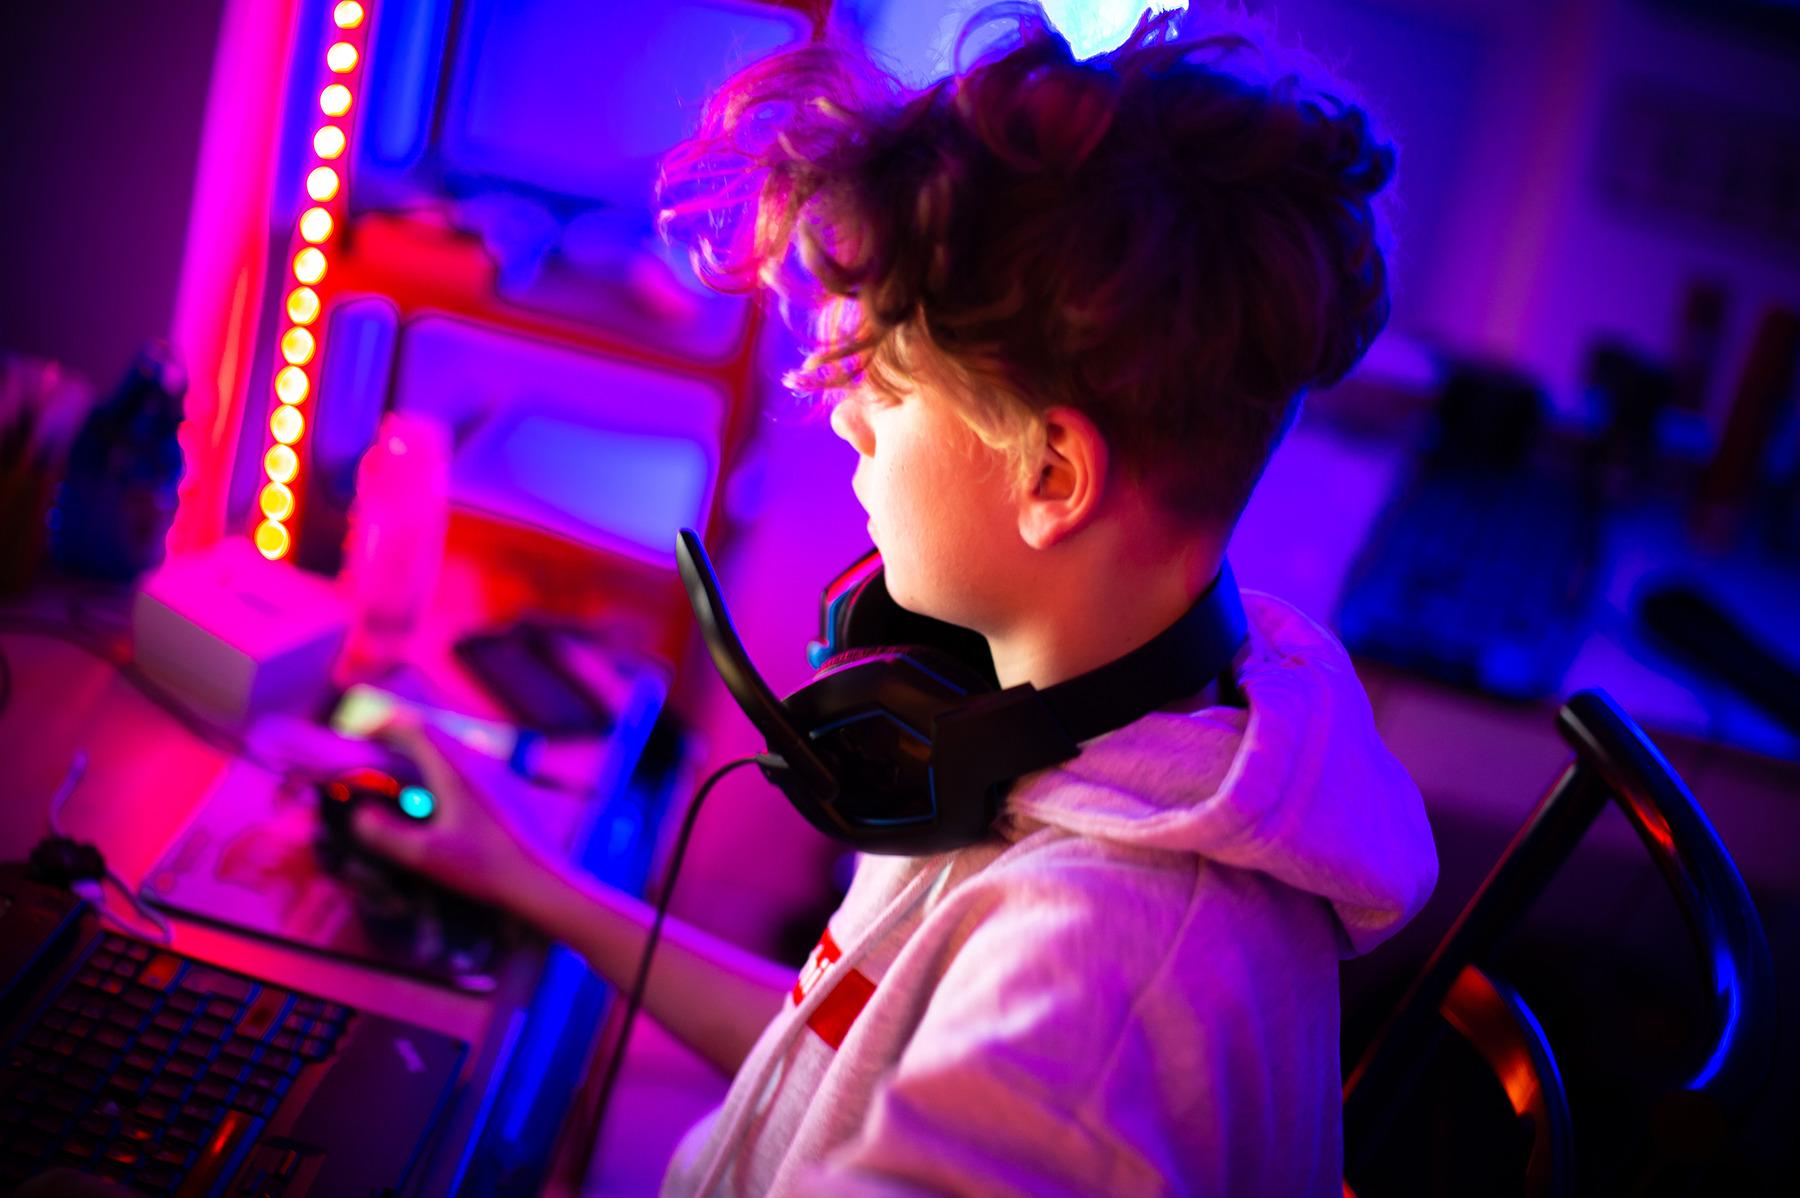 Kinder werden im Netz zum Opfer von Cybergrooming